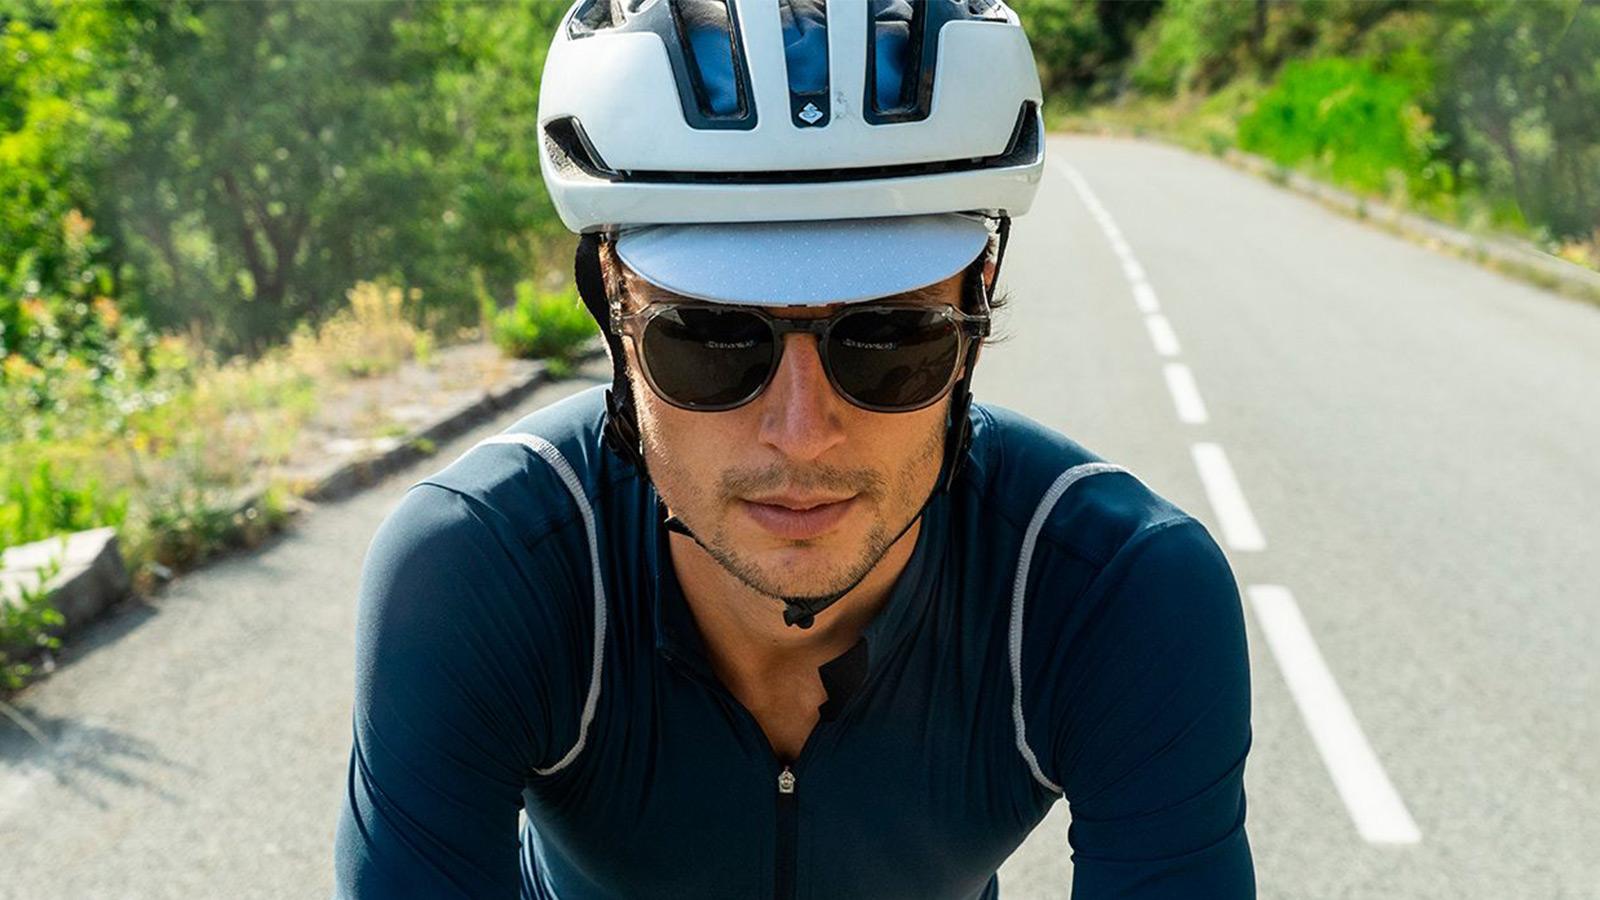 Café du Cycliste x Article One Sunglasses